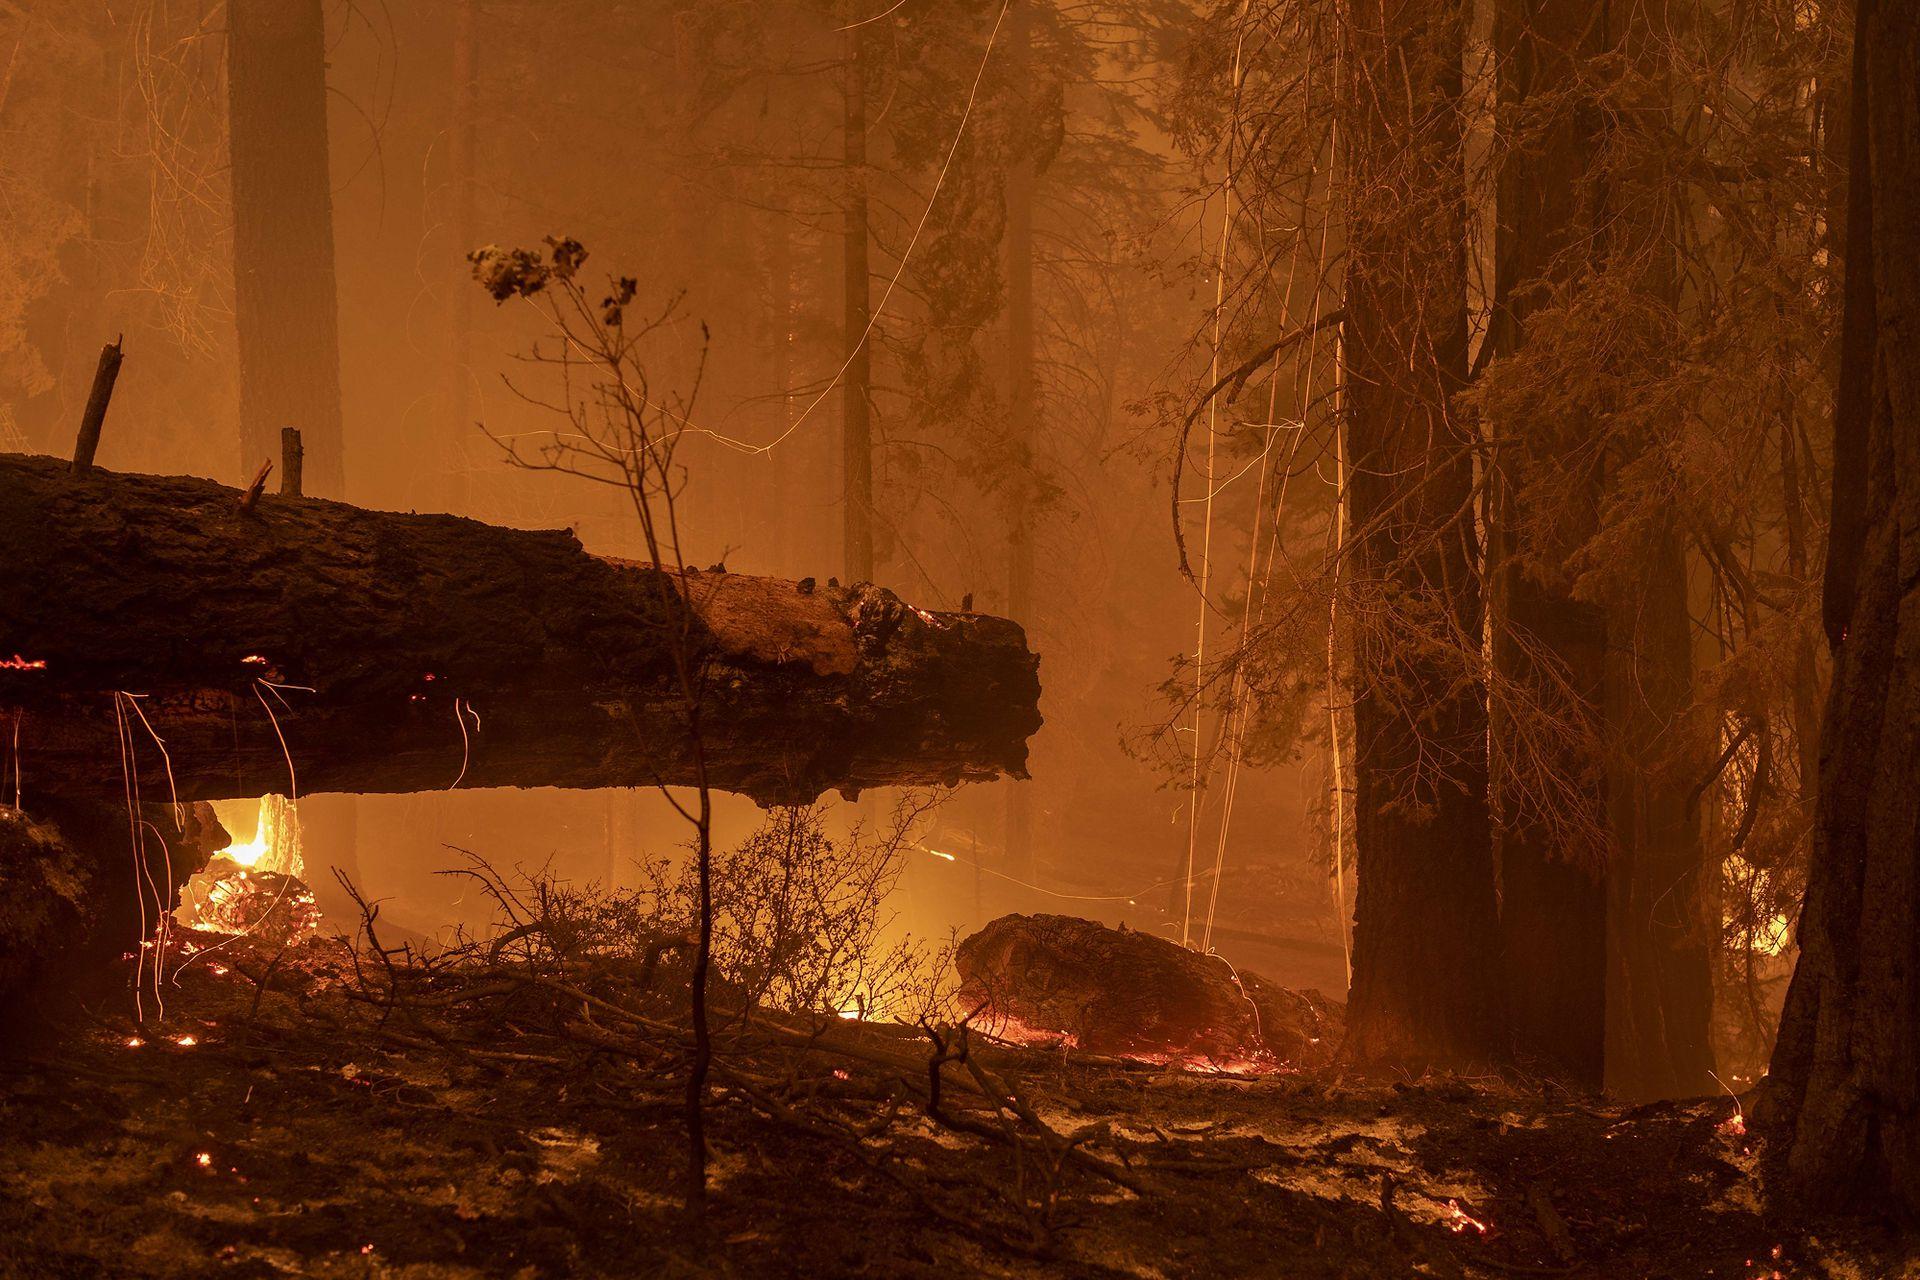 El cambio climático y los años de sequía hacen que los incendios forestales se vuelvan más grandes y calientes